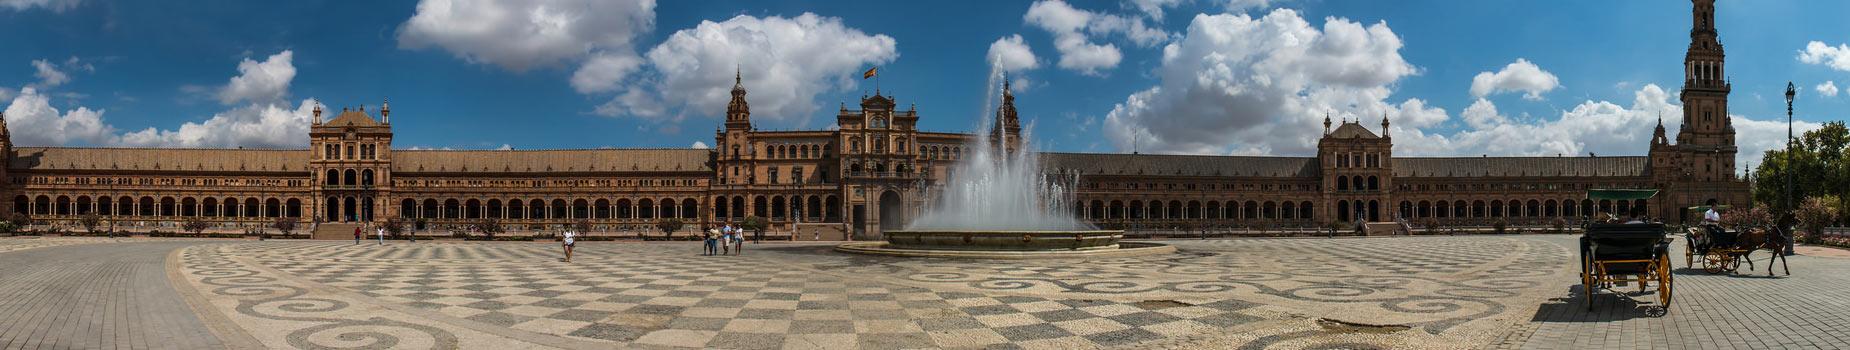 Vliegvakantie Andalusië